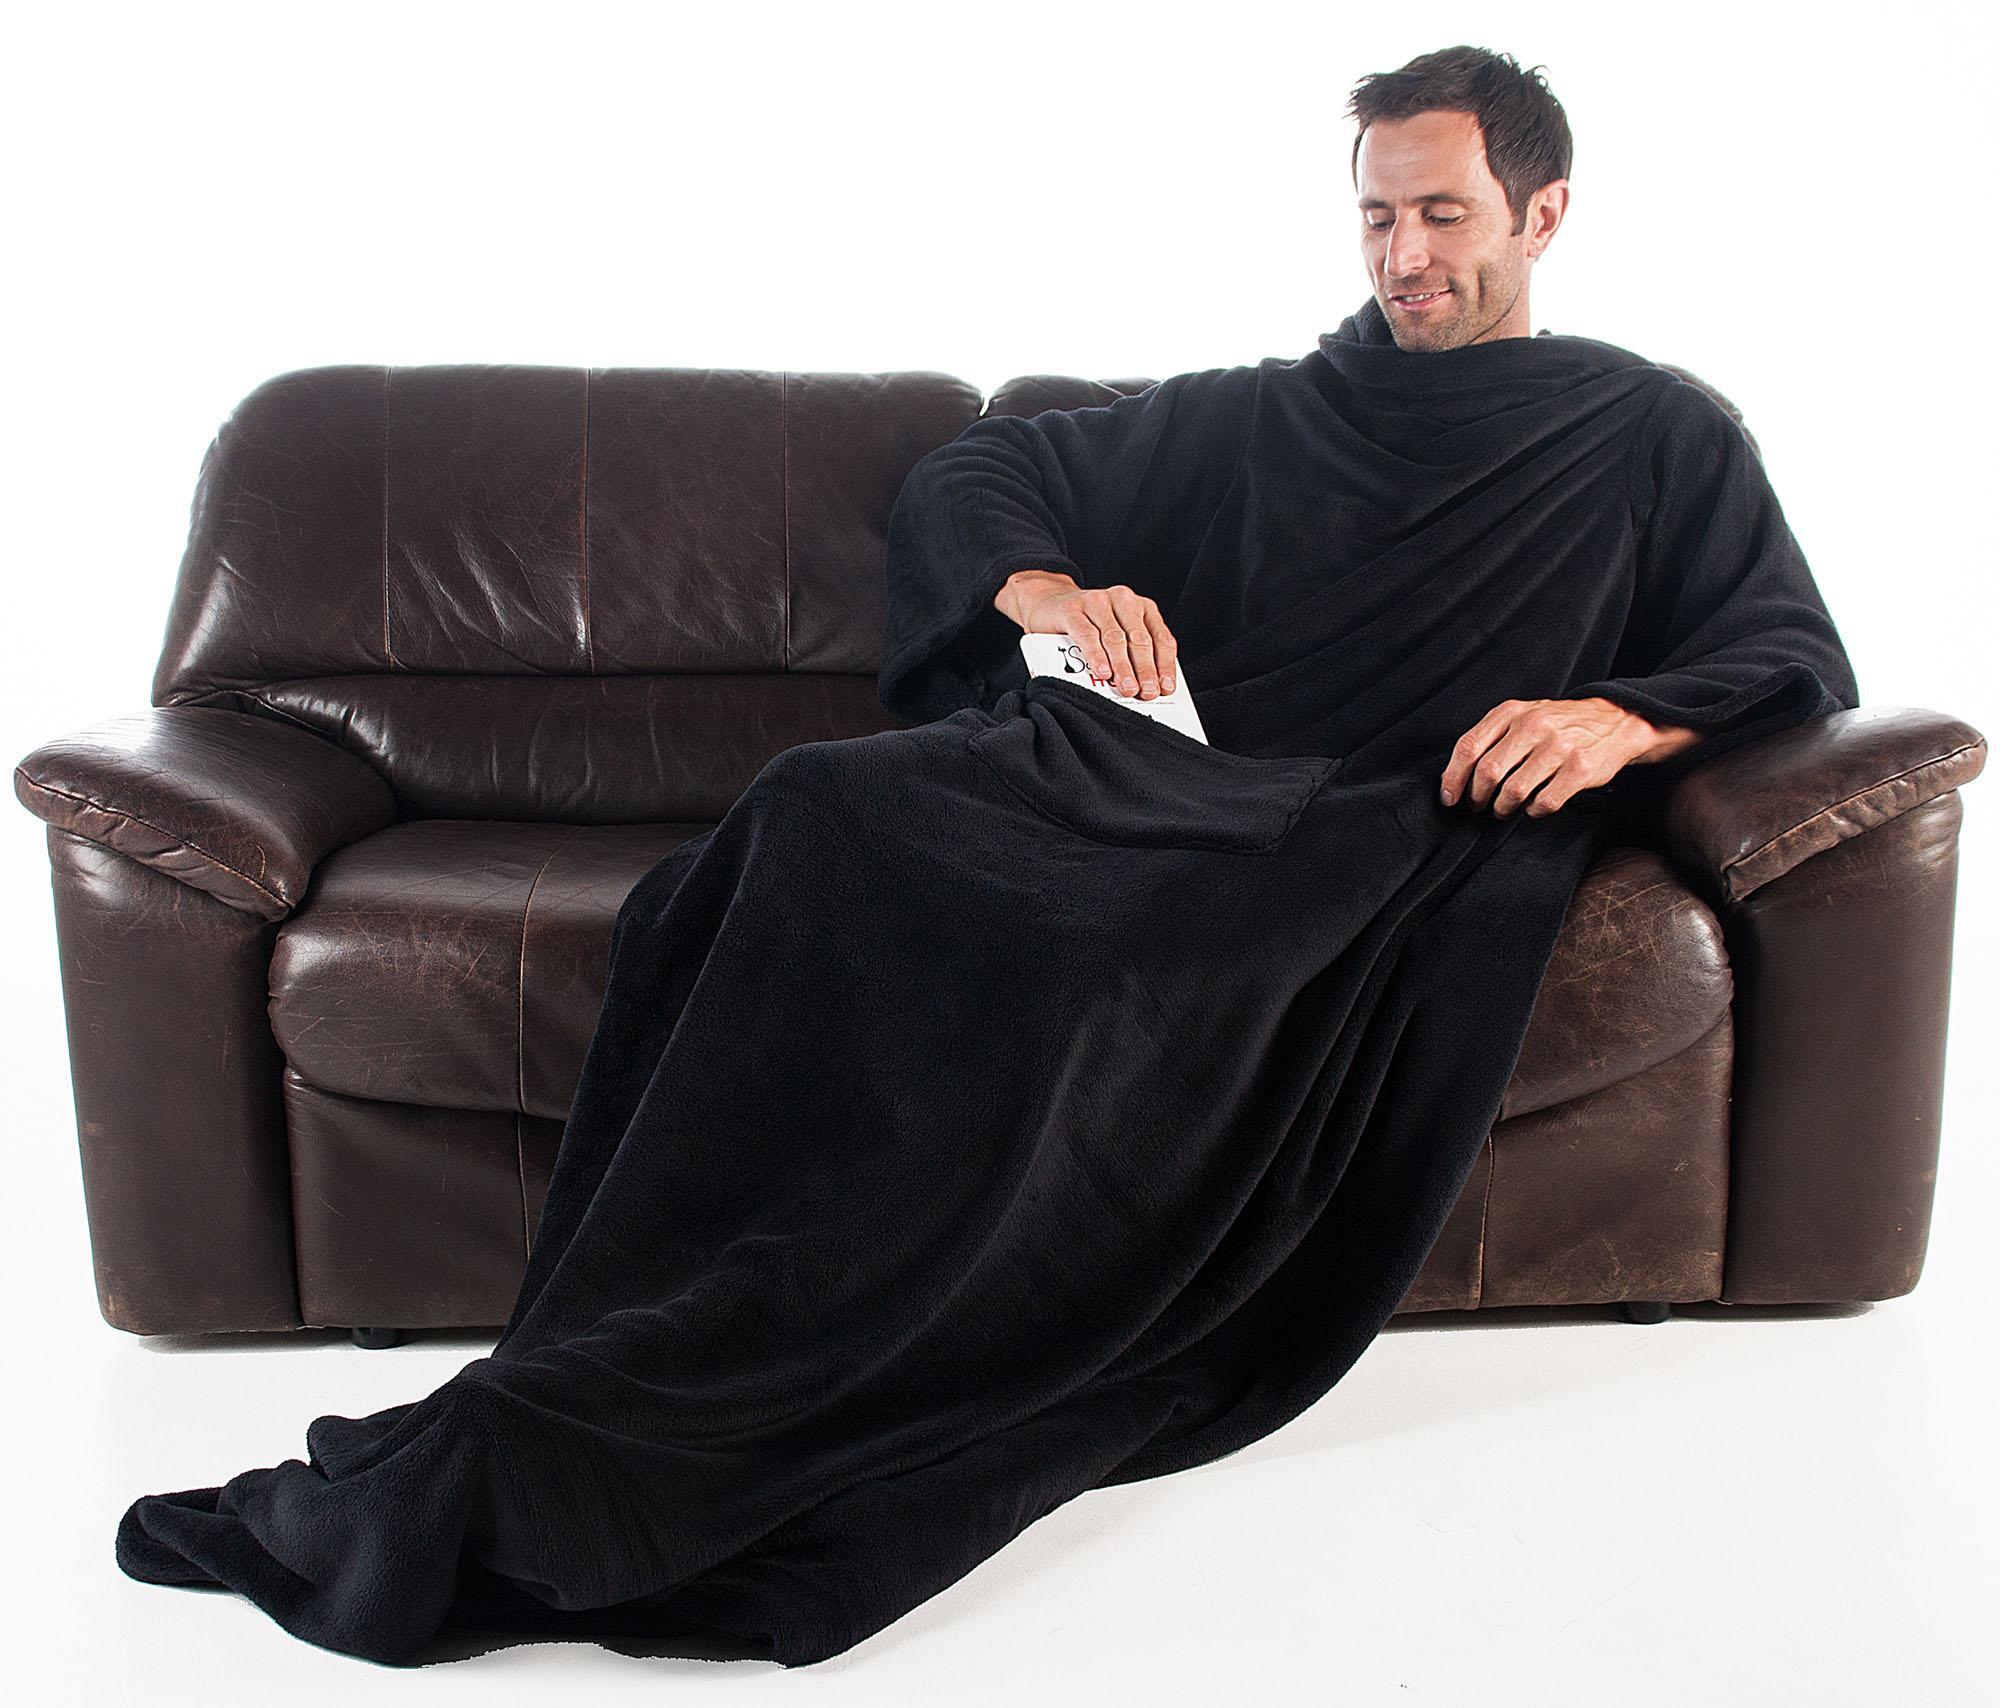 tv decke mit rmeln xl kuscheldecke 170 x 200 cm 50 cm fu tasche und handytasche. Black Bedroom Furniture Sets. Home Design Ideas